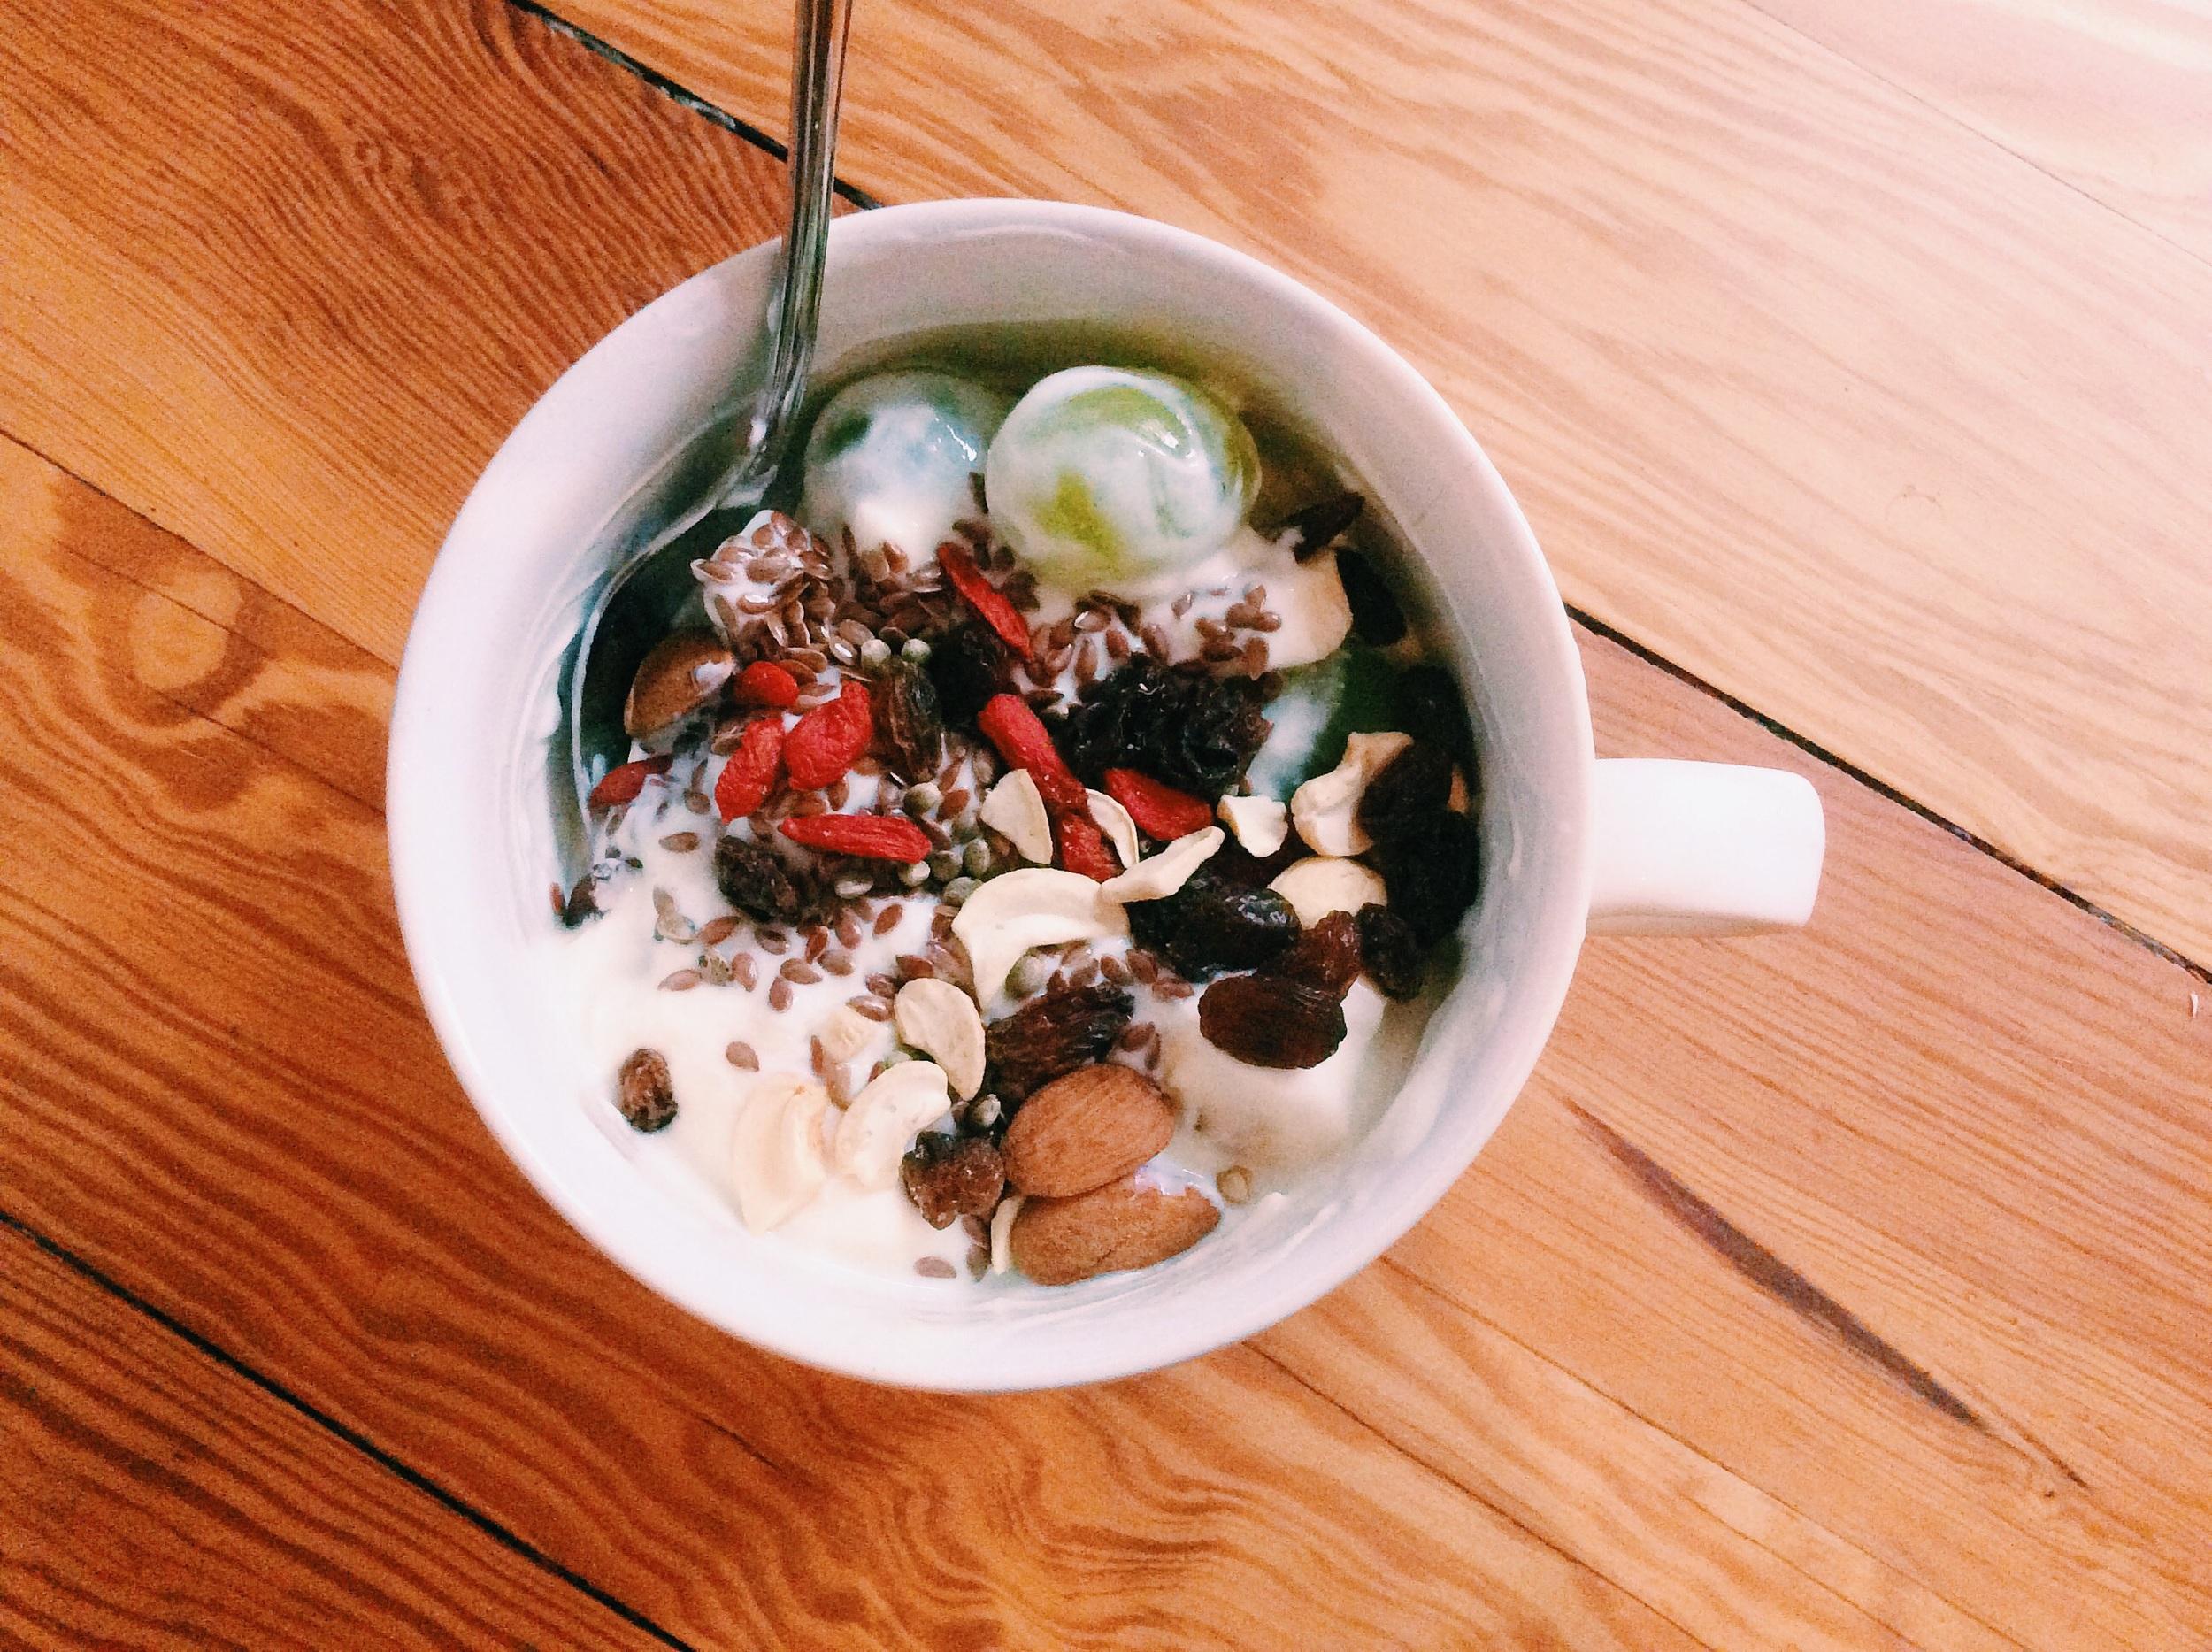 まゆが作ってくれた朝ごはんは、ココナッツヨーグルト!